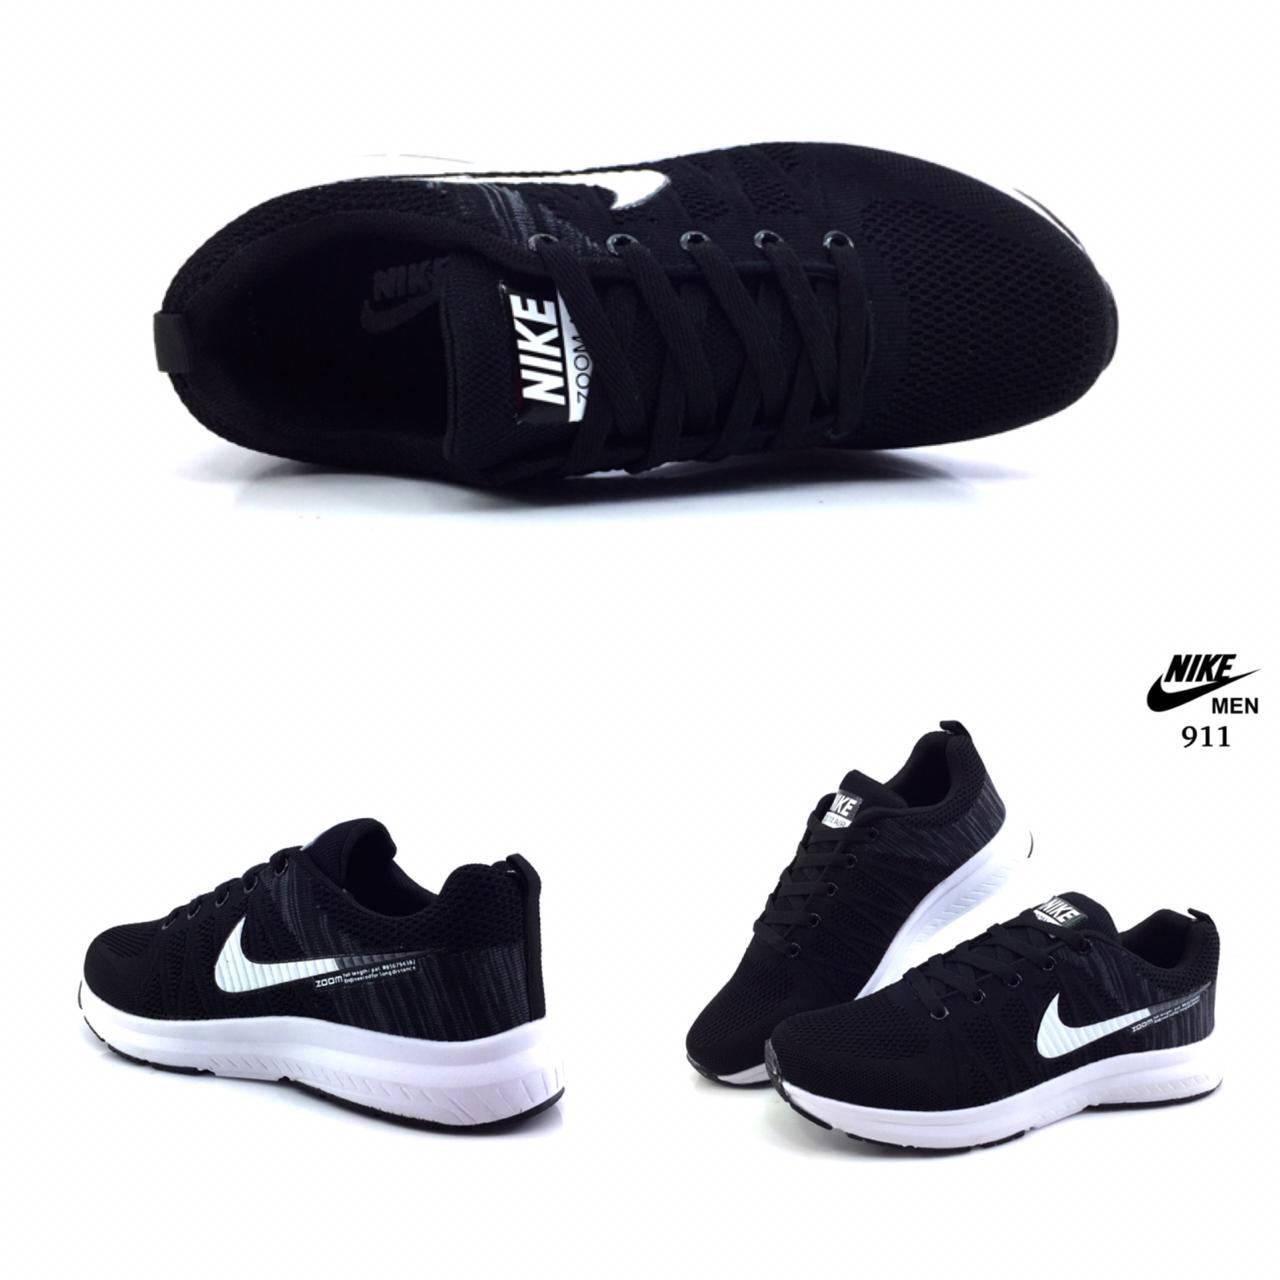 Sepatu nike terbaru di indonesia 2020 911qn